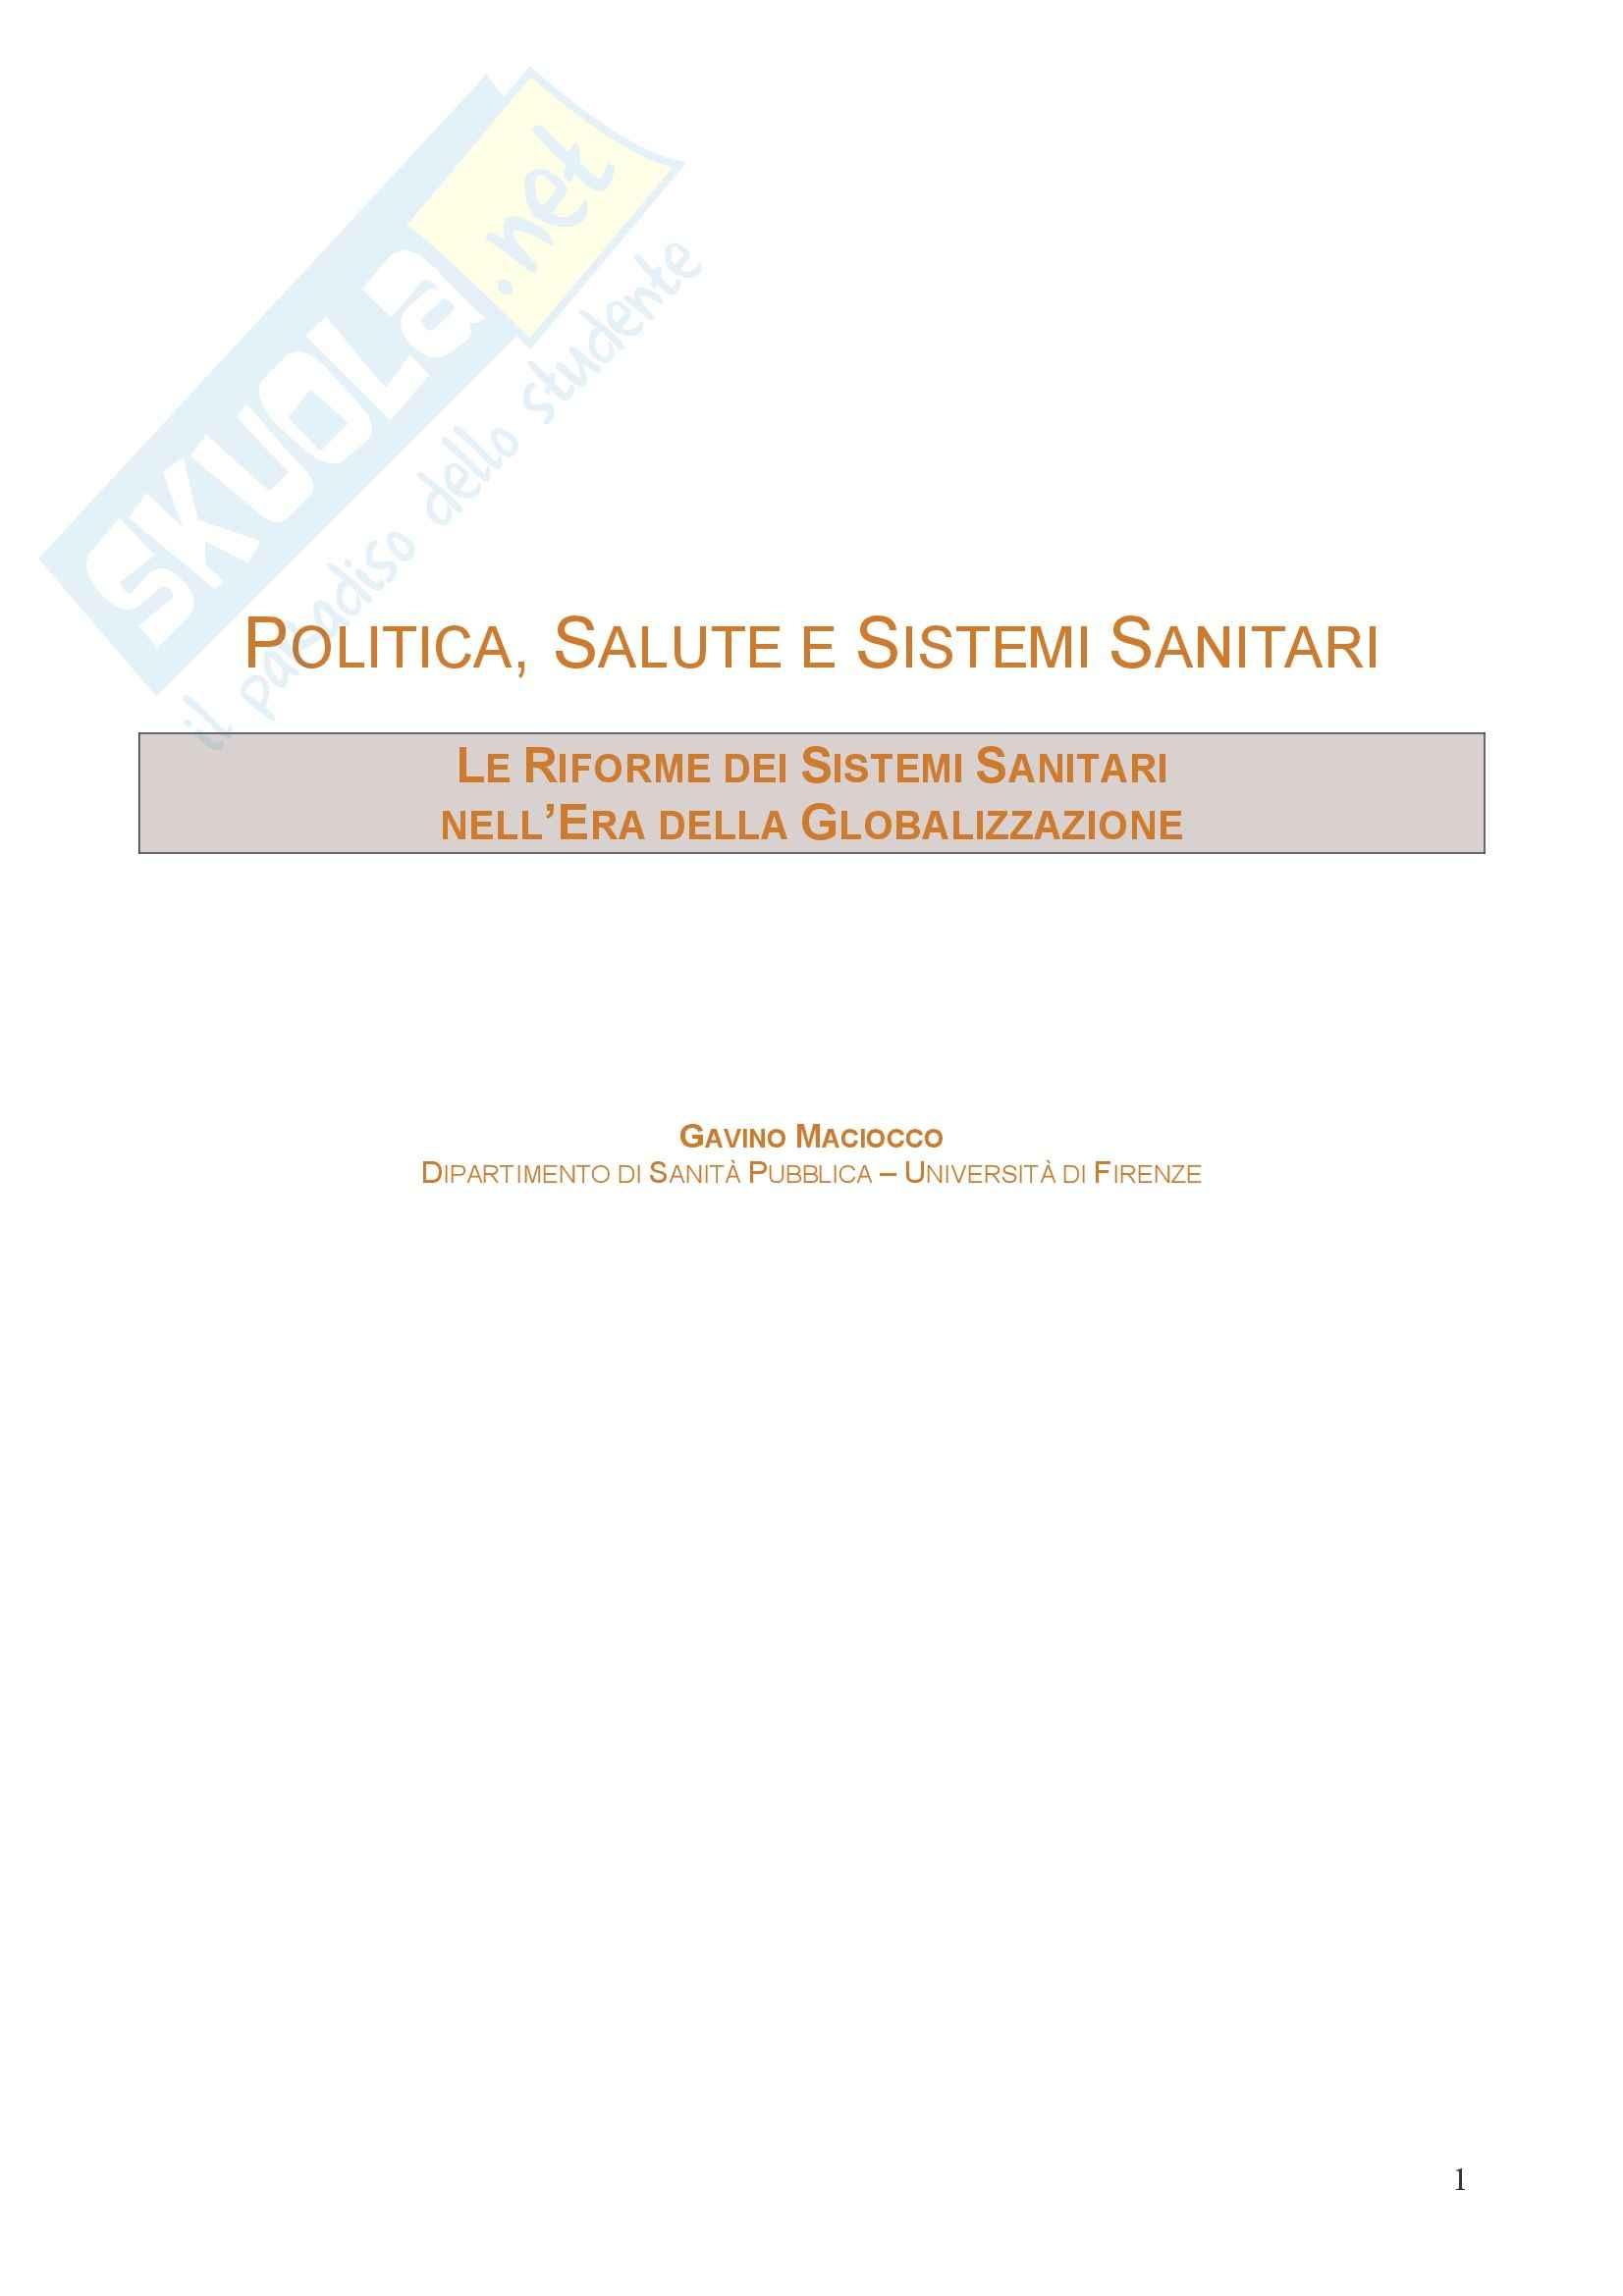 Politica, salute e sistemi sanitari